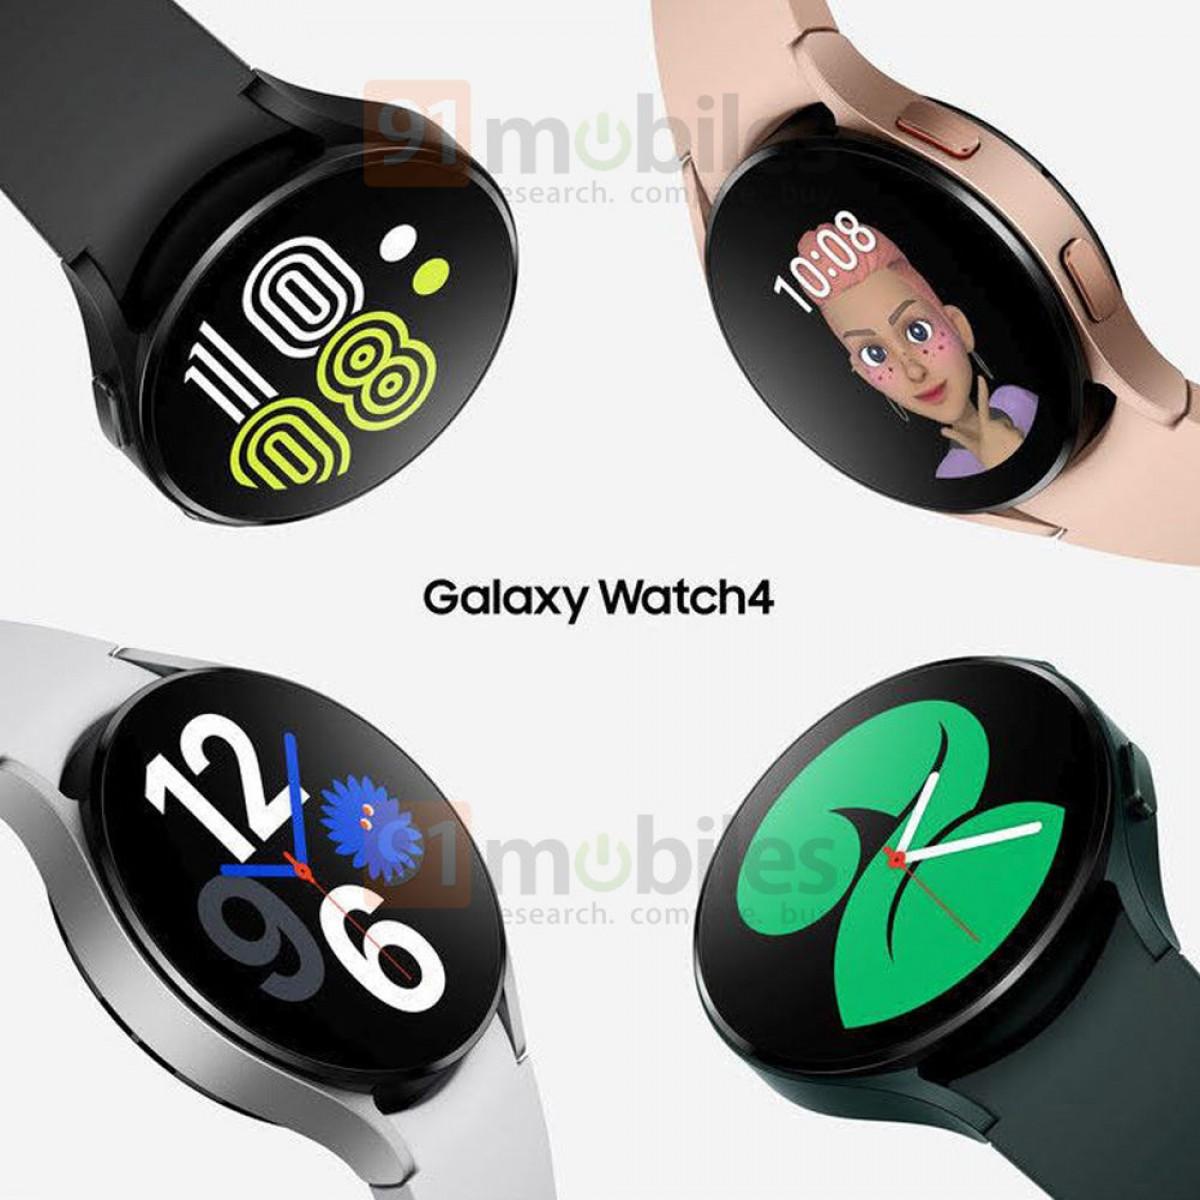 Предполагаемая утечка официальных рендеров Samsung Galaxy Watch4